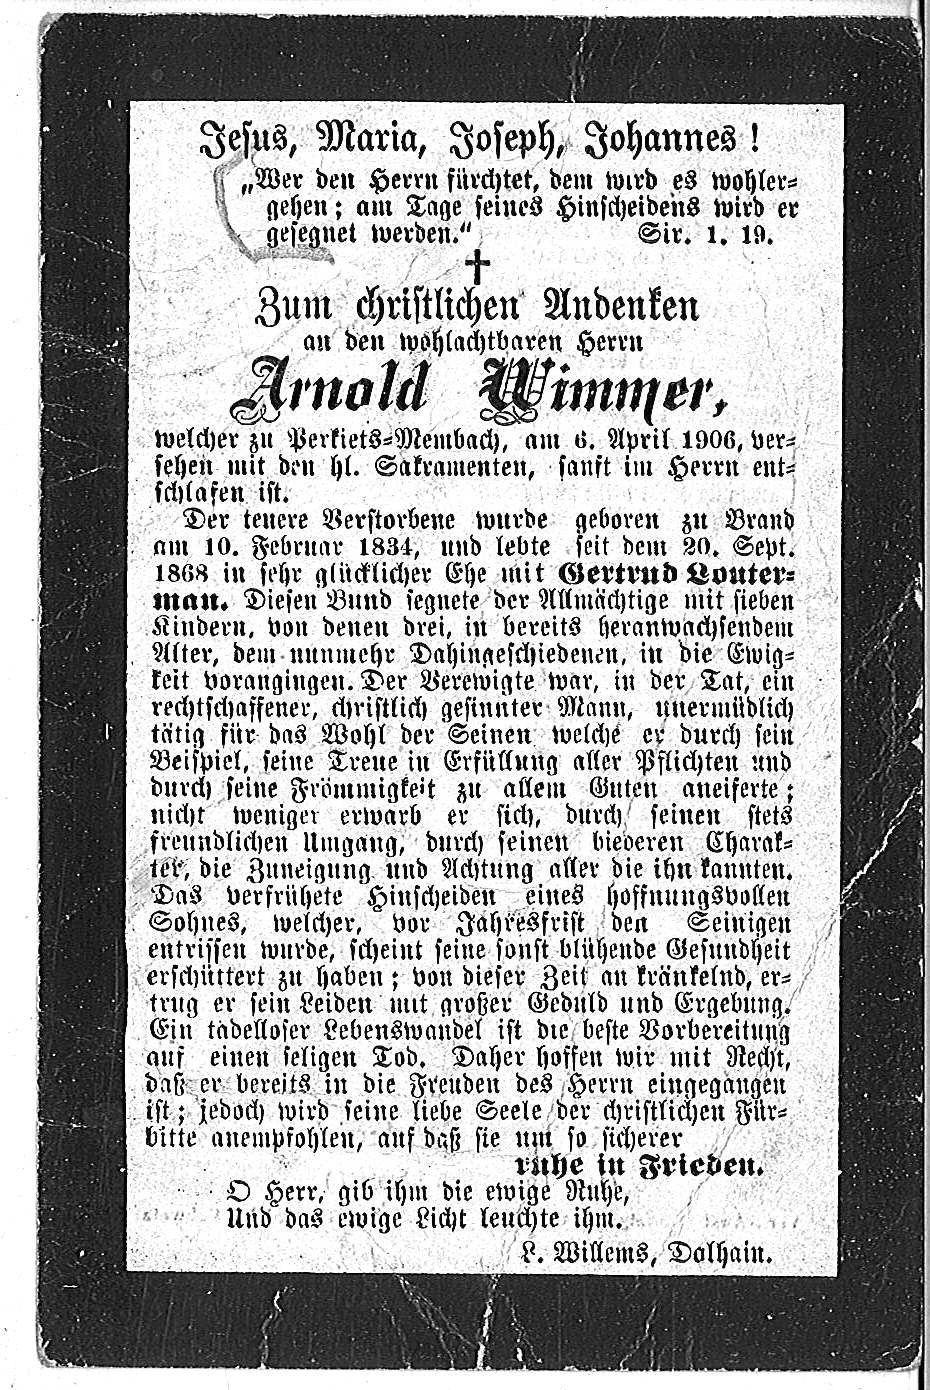 Arnold Wimmer